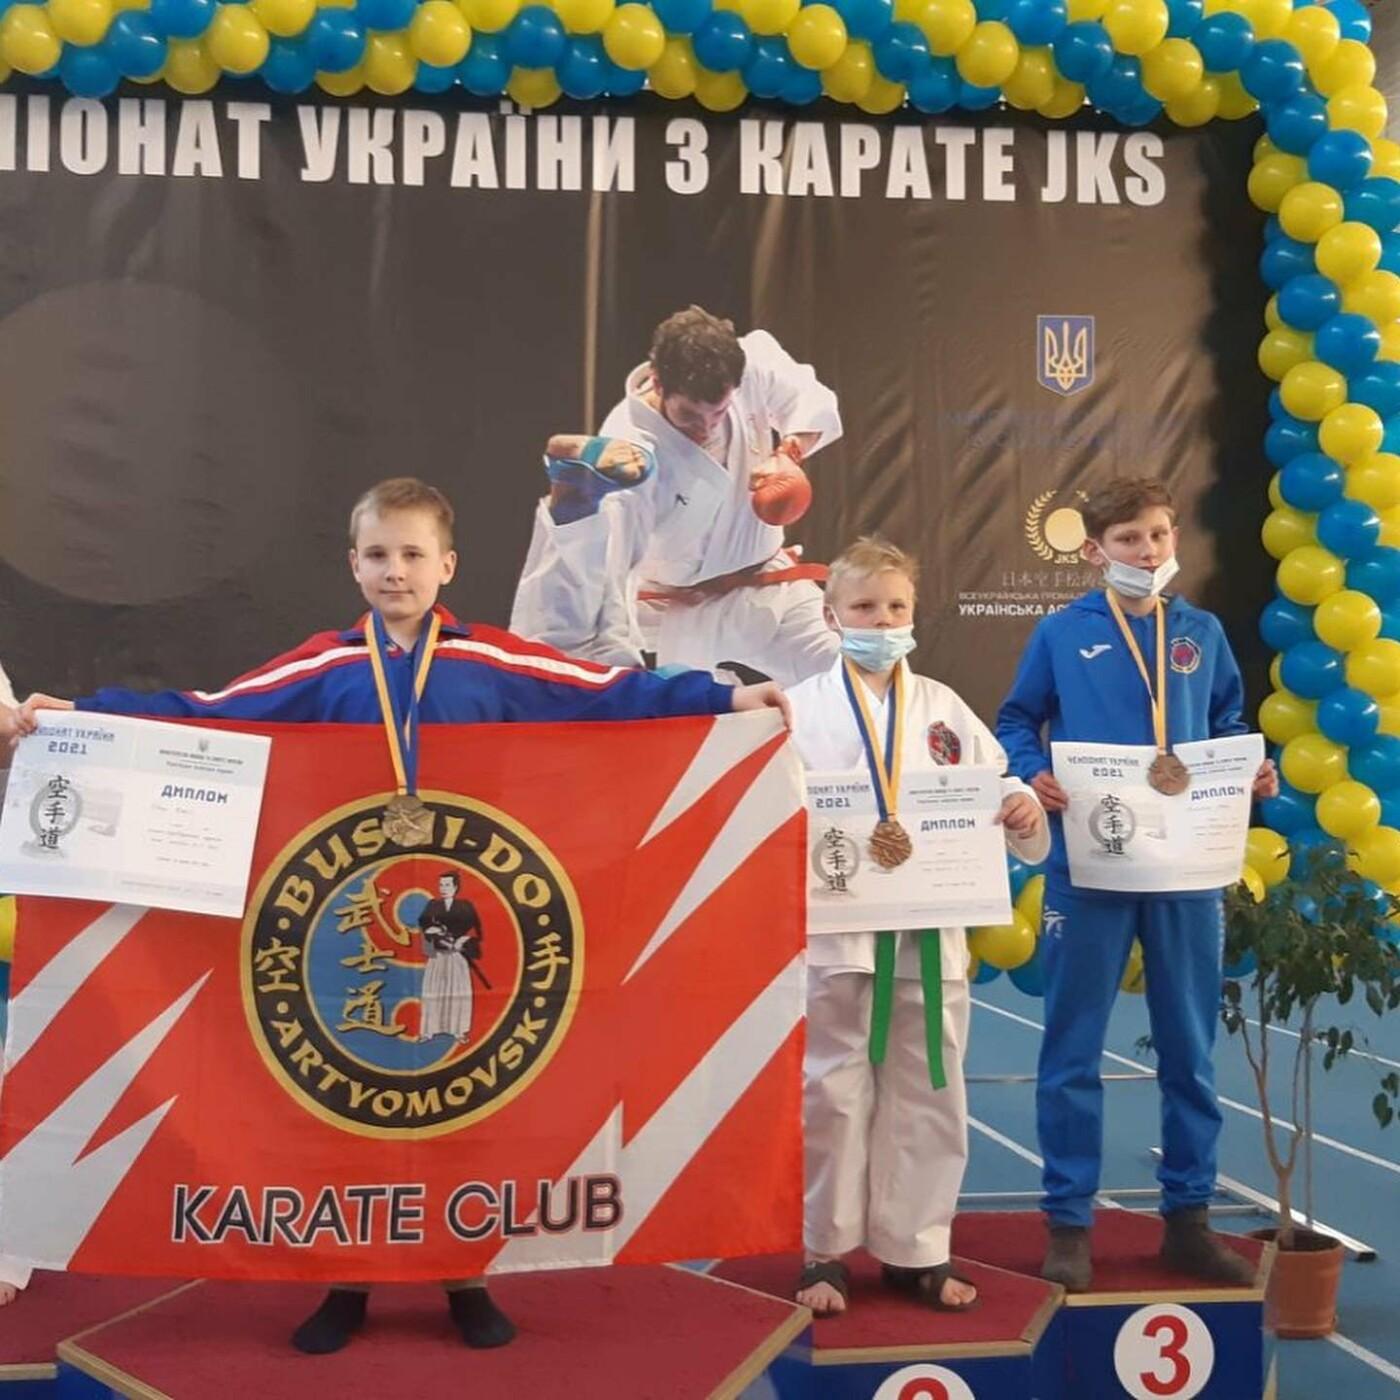 Бердянские спортсмены клуба ZANSHIN завоевали 7 медалей, фото-1